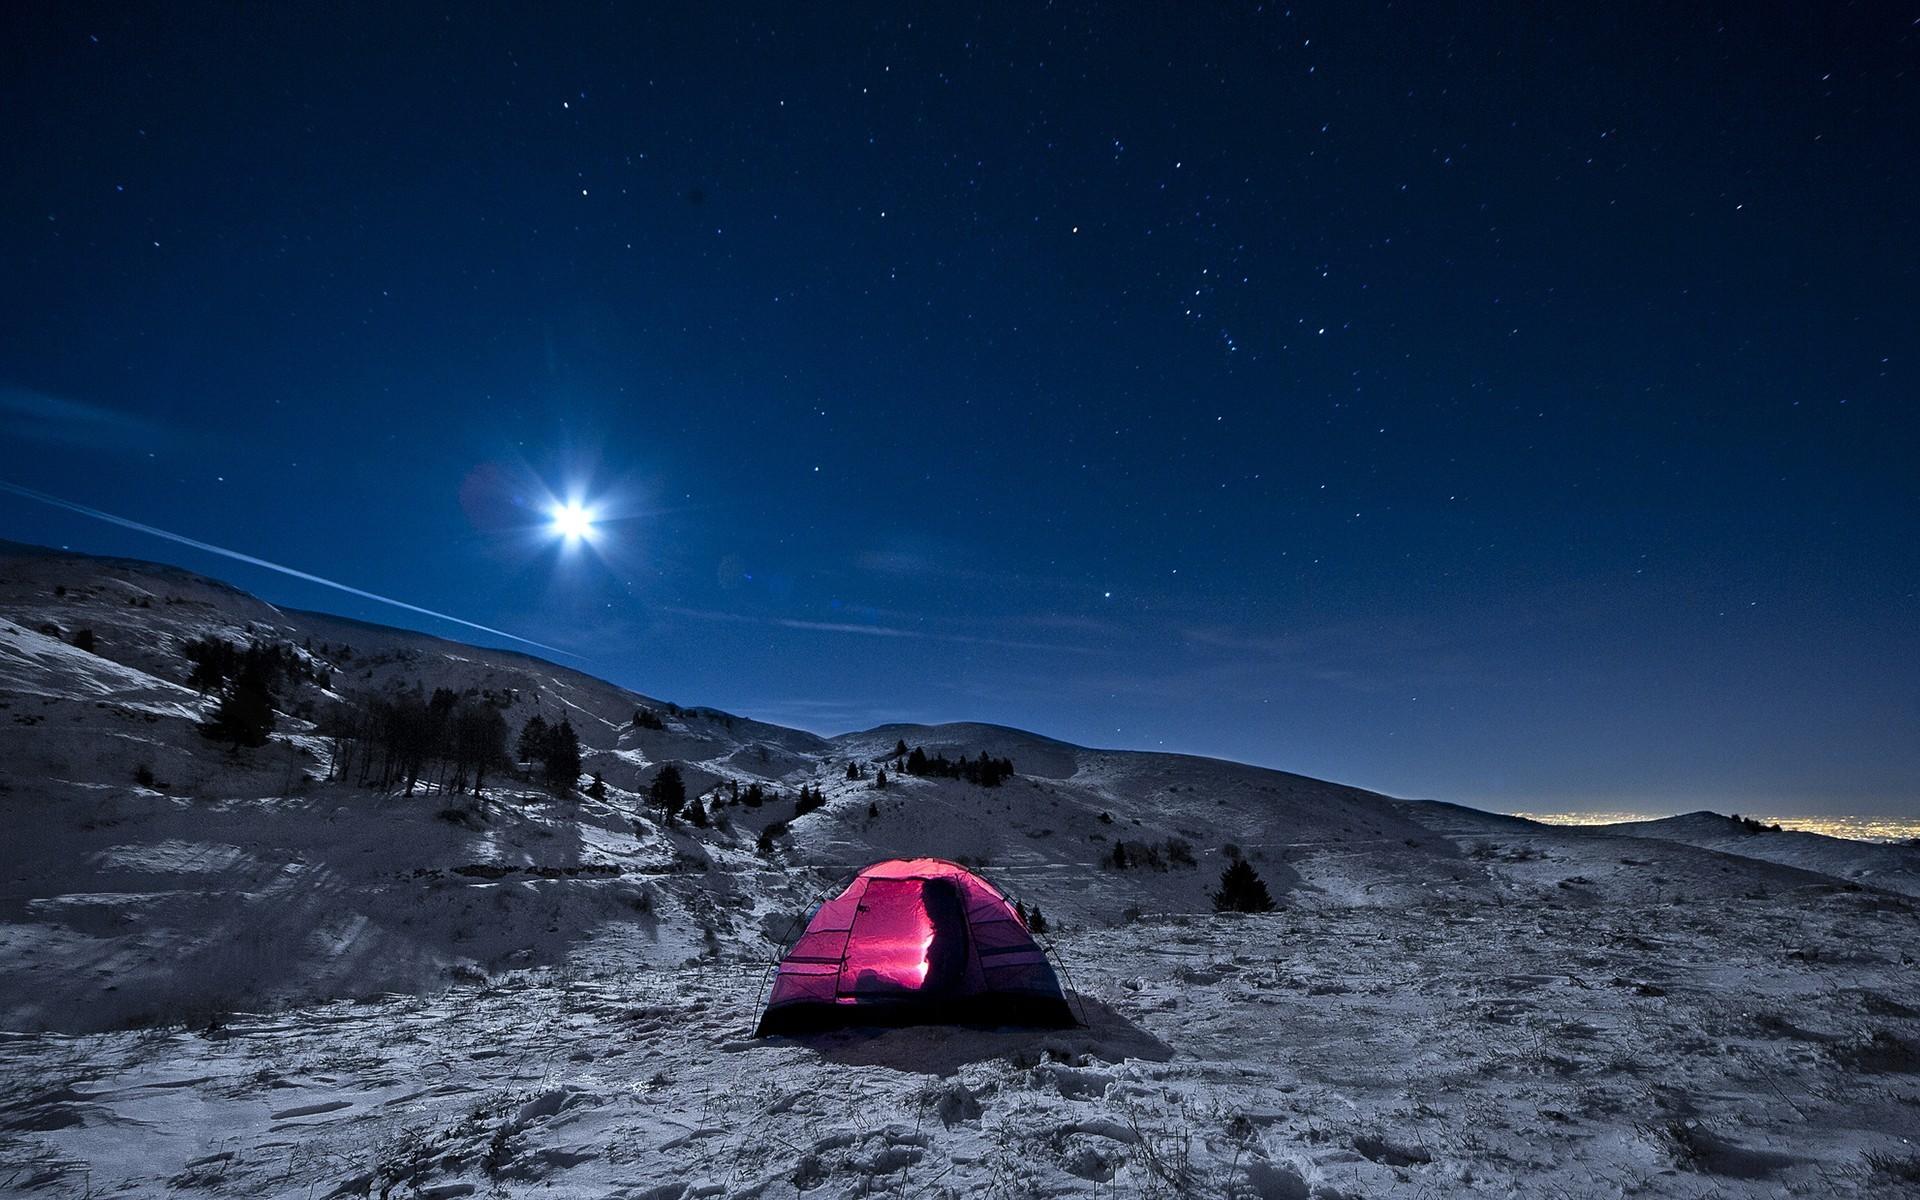 обои на рабочий стол палатка звездное небо подбирают зависимости основного